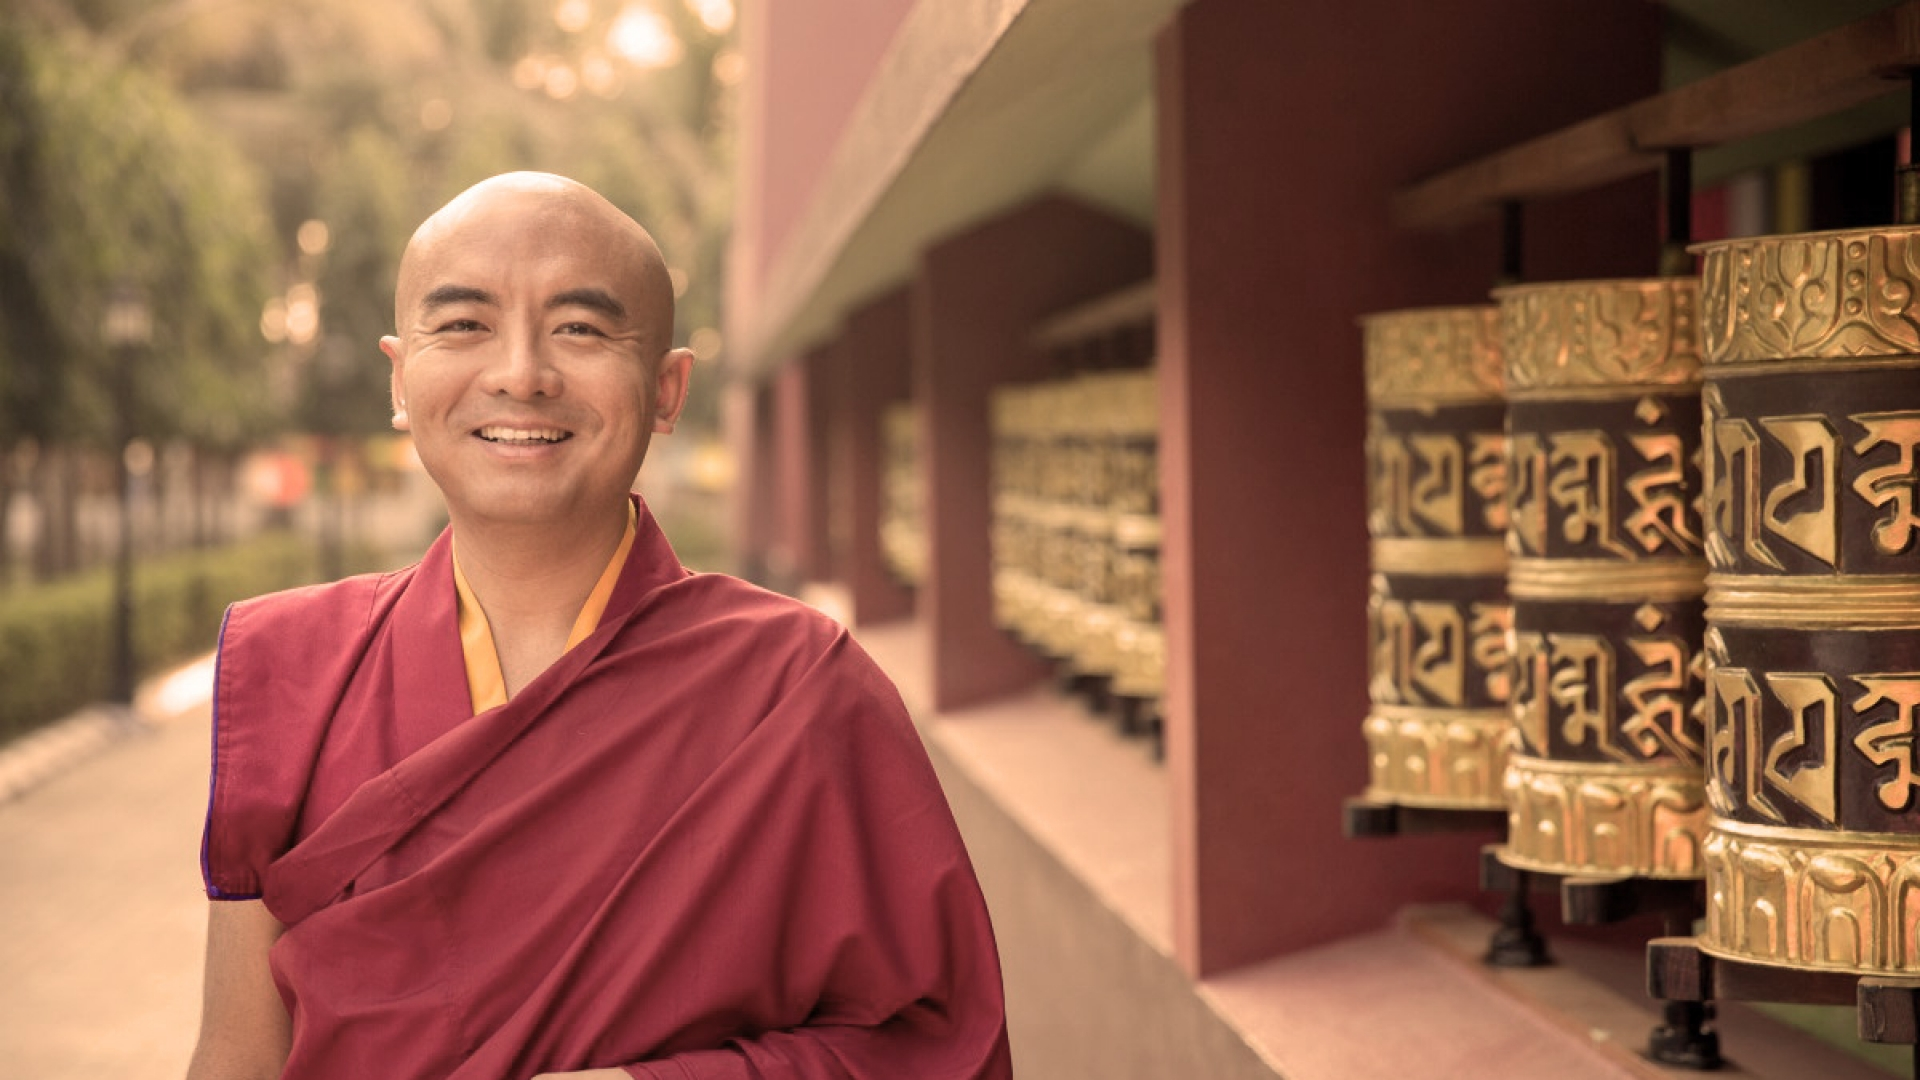 Безобъектная медитация шинэ от Йонге Мингьюр Ринпоче